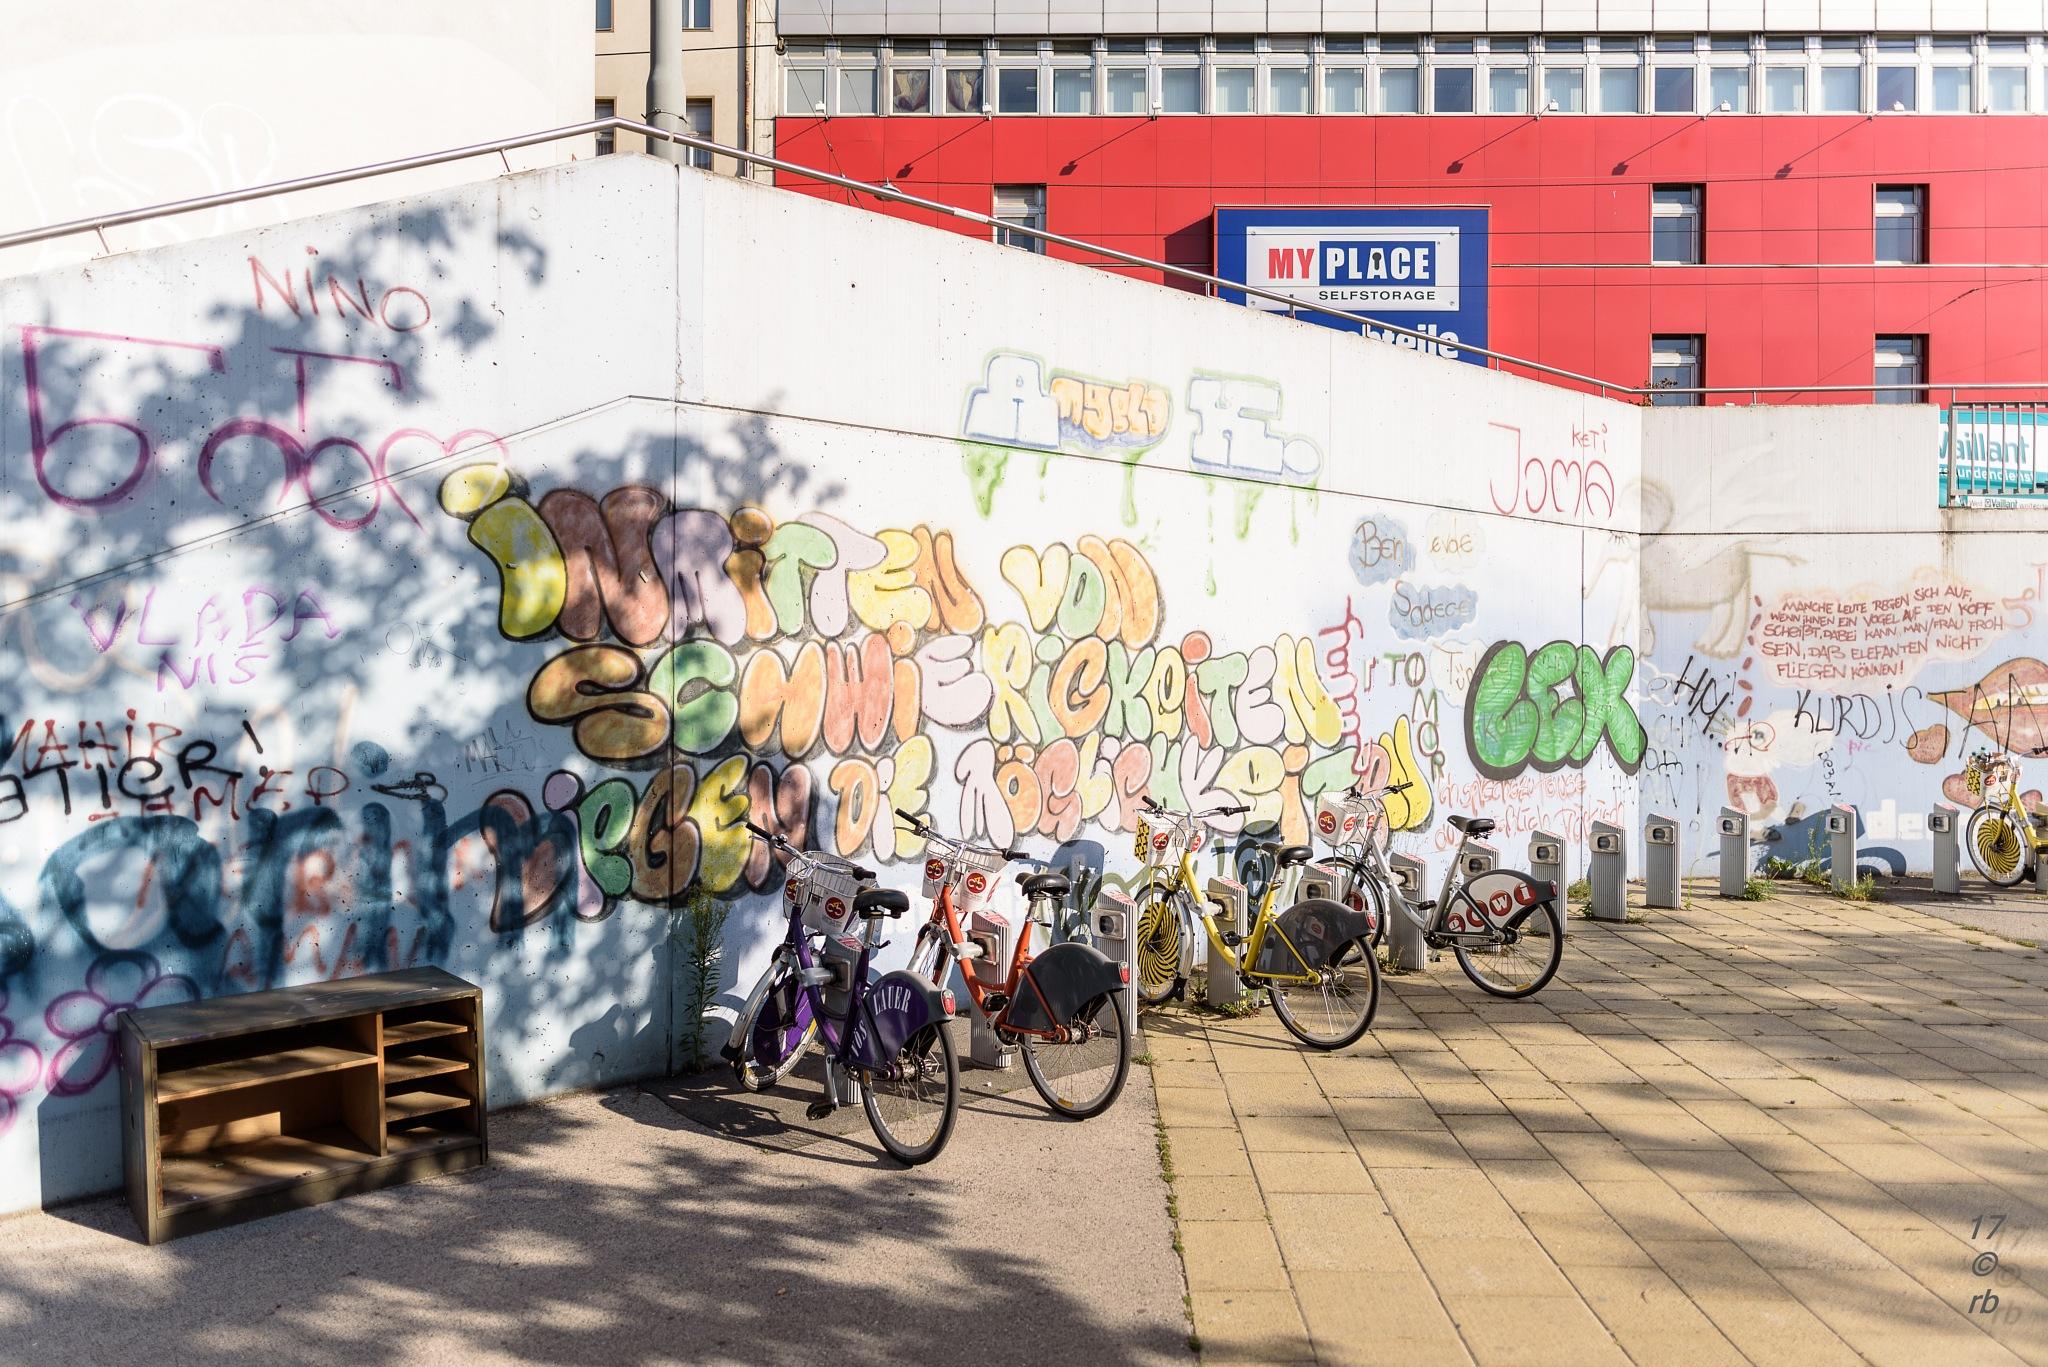 Street Art by > Robert Braun <